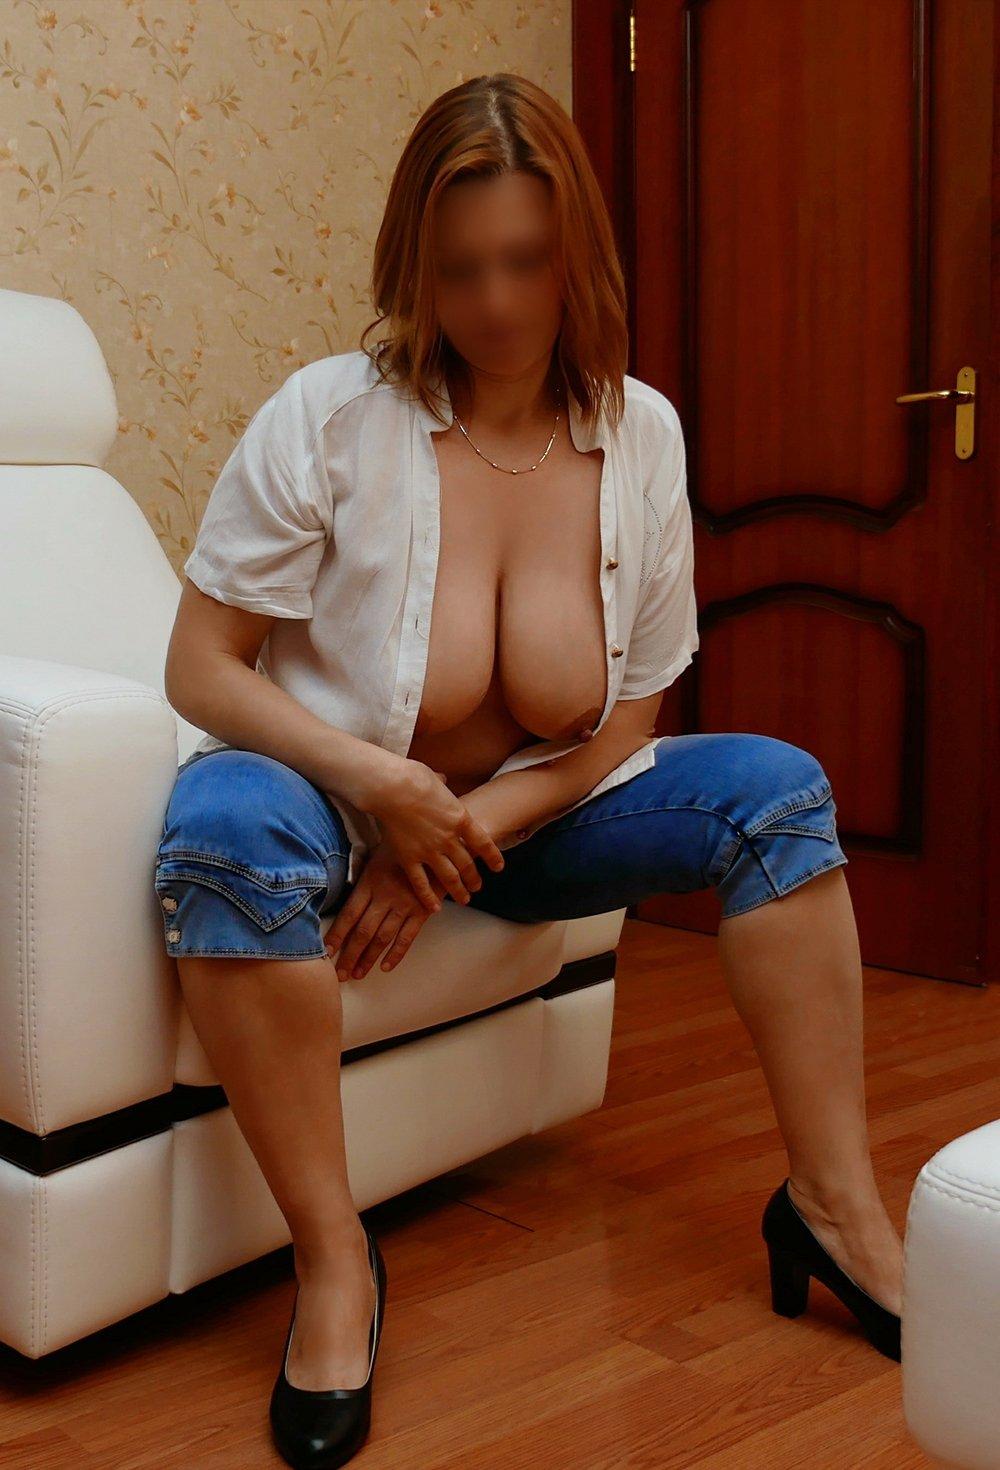 Петрозаводска заказать проститутку